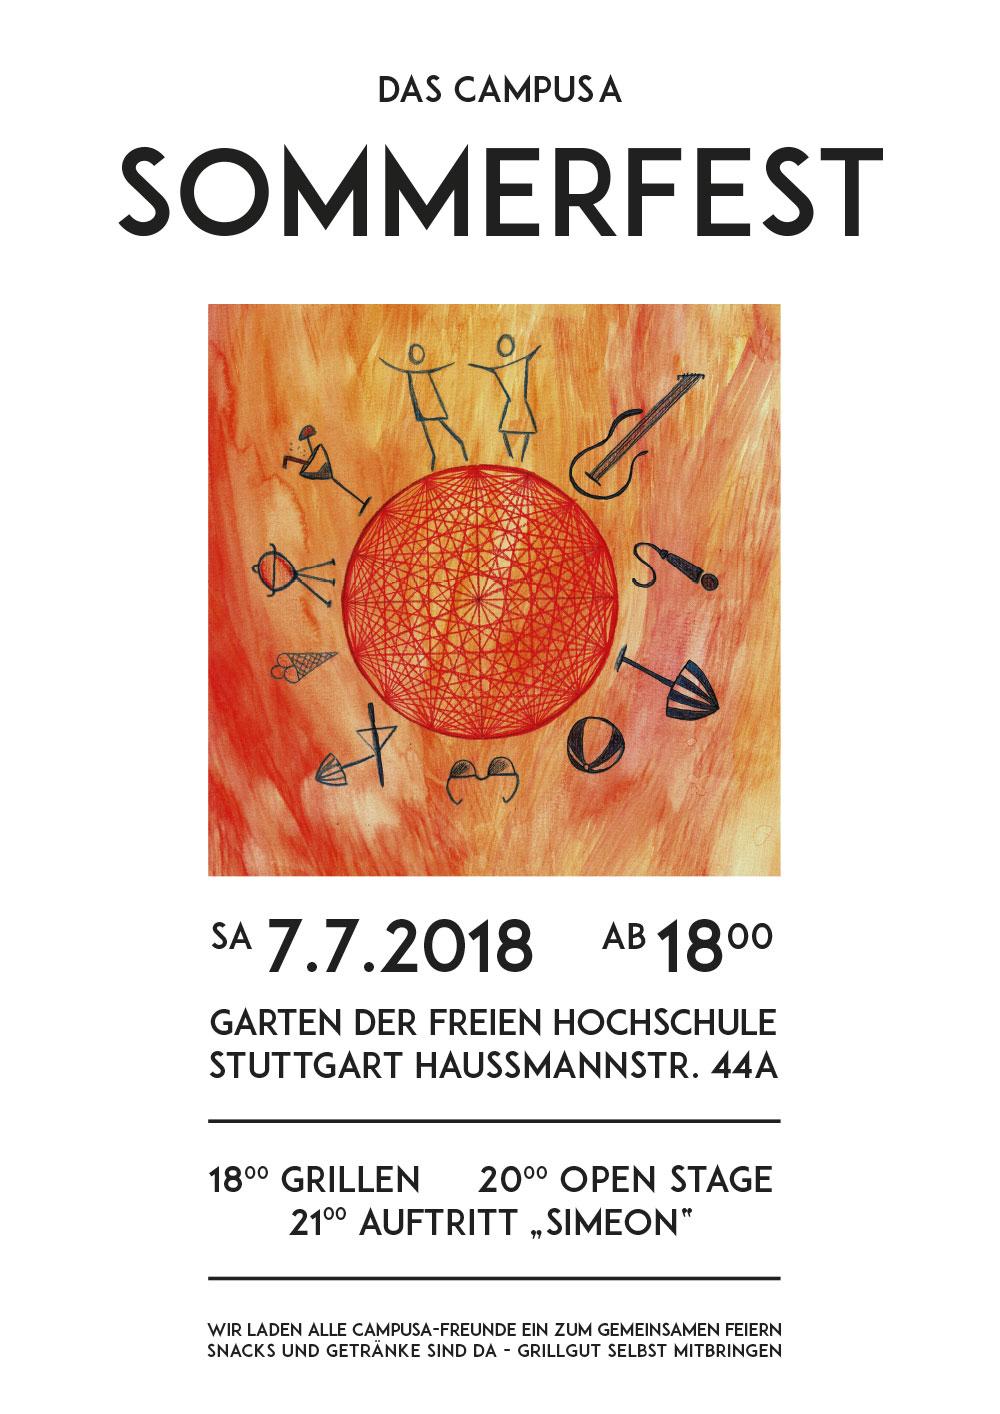 Einladung zum campusA-Sommerfest am 7.7.